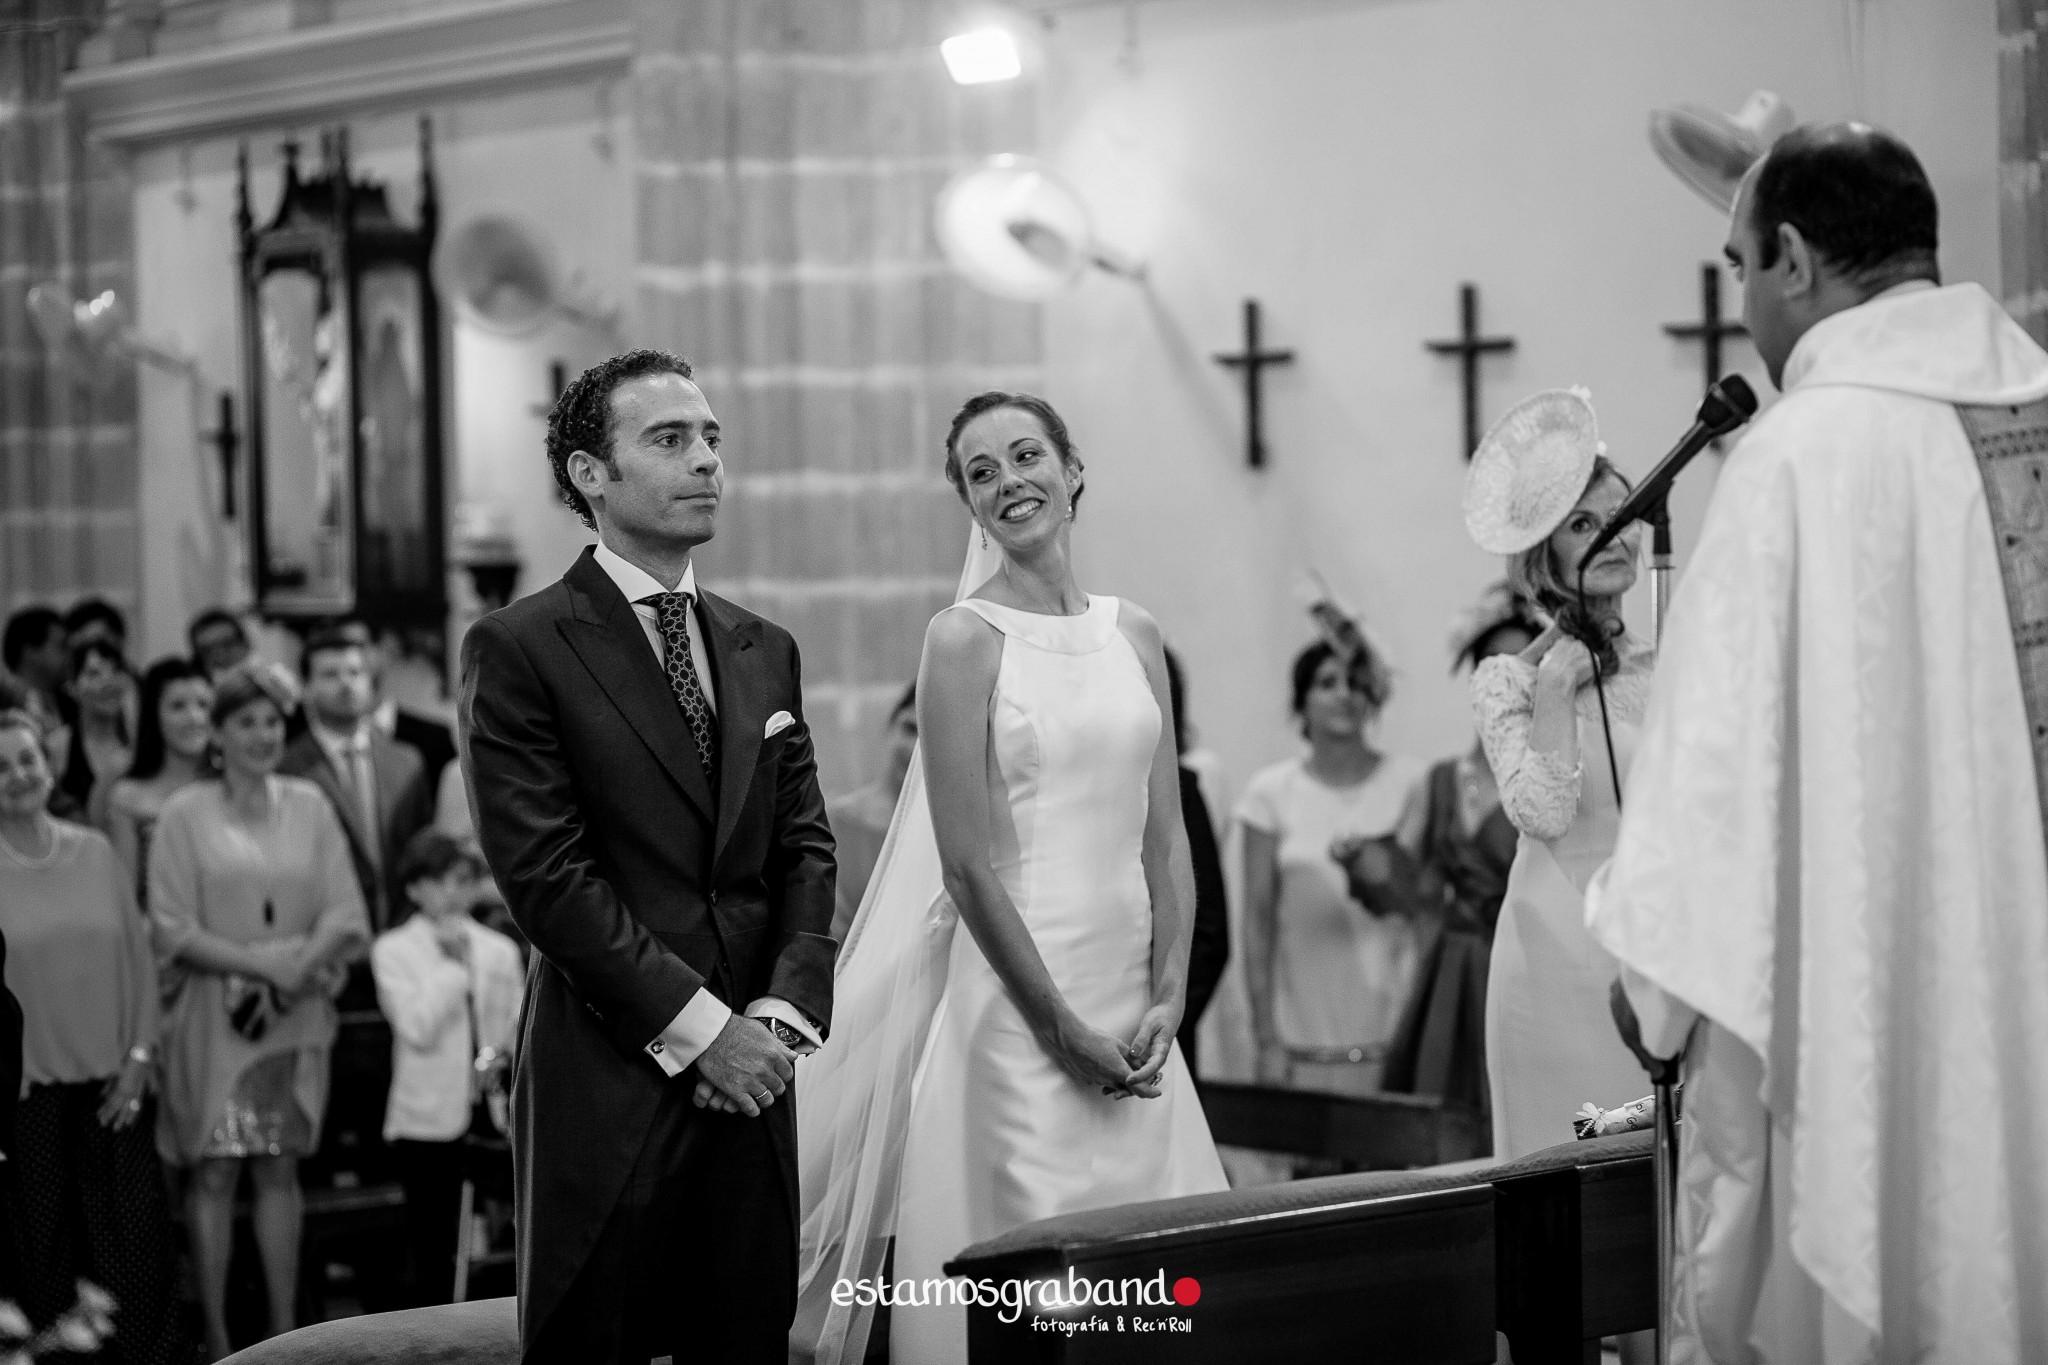 fotografo-de-bodas-jerez_mari-paz-jaime_bodegas-tradiciocc81n-36 32 escalones [Fotografía de bodas Jerez_Mari Paz & Jaime] - video boda cadiz